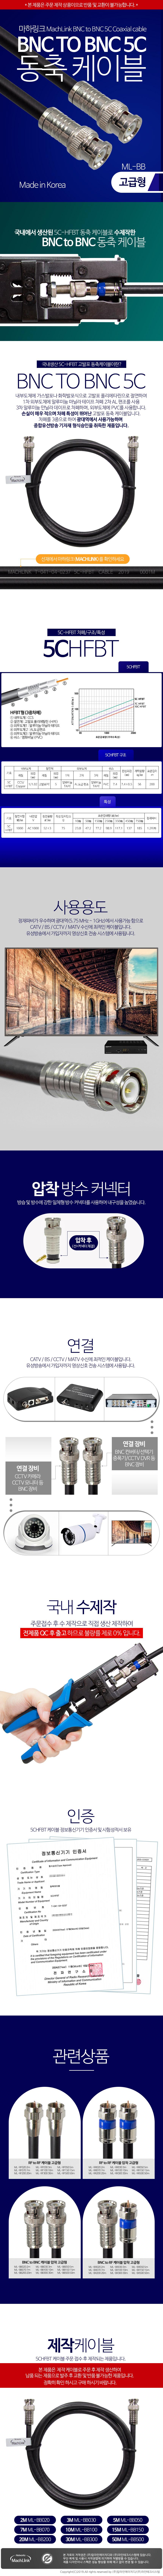 마하링크  BNC to BNC 5C 동축 케이블 (ML-BB)(50m)